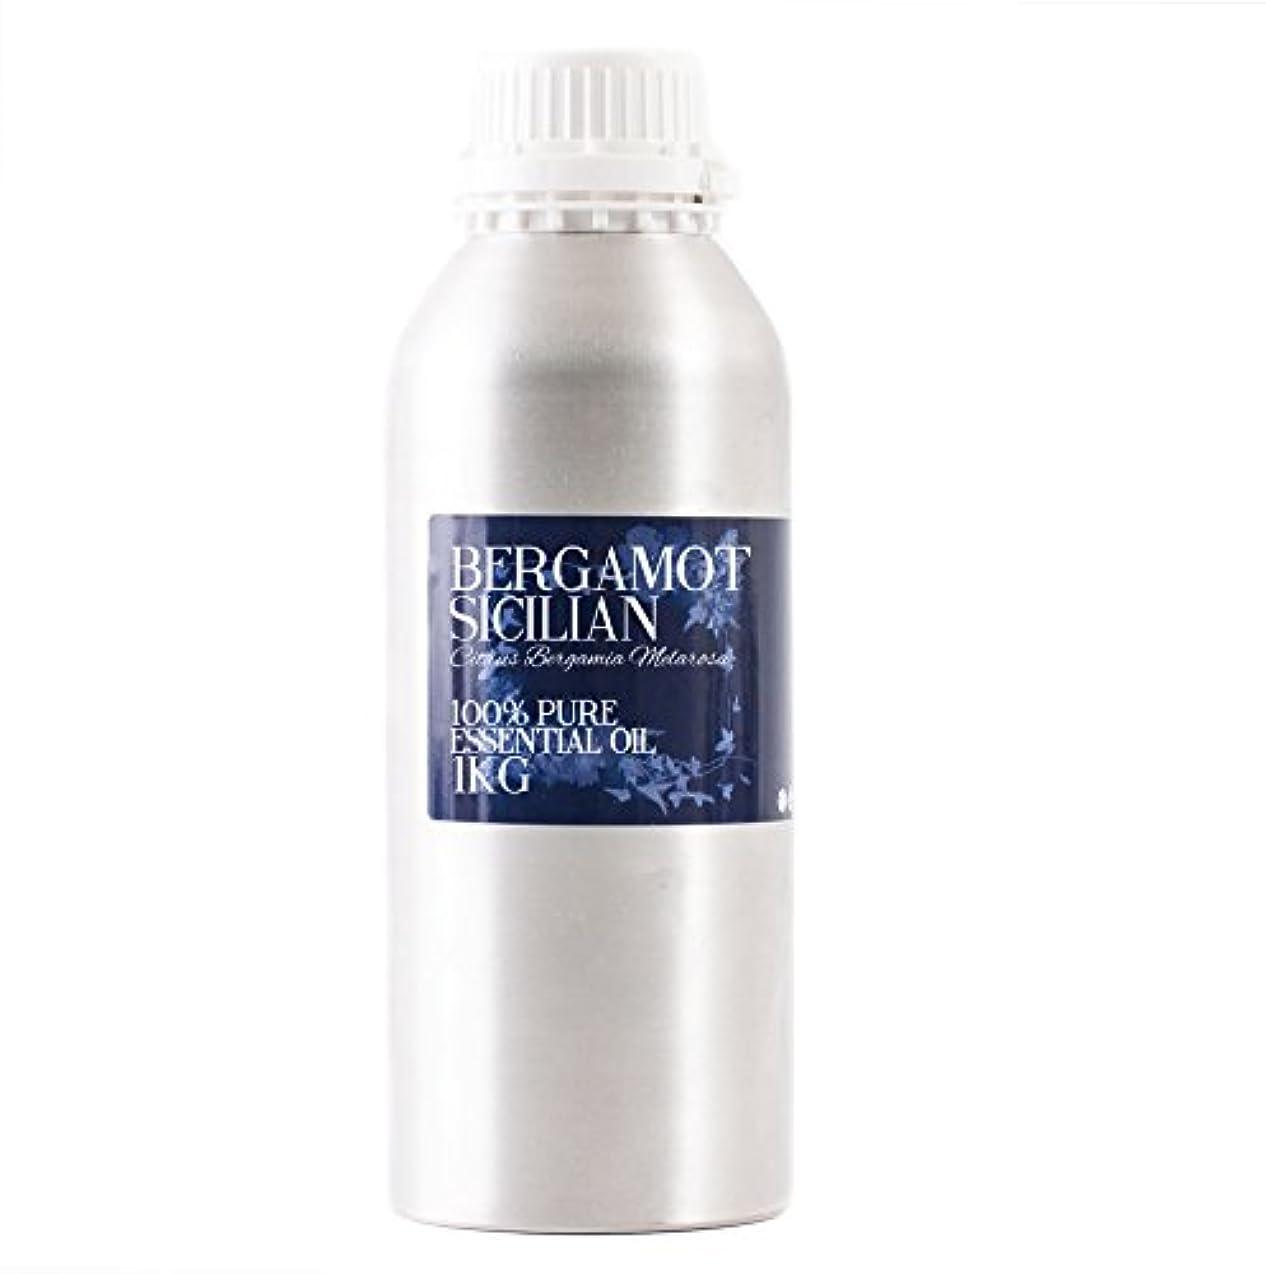 緩やかな気配りのあるヒョウMystic Moments | Bergamot Sicilian Essential Oil - 1Kg - 100% Pure